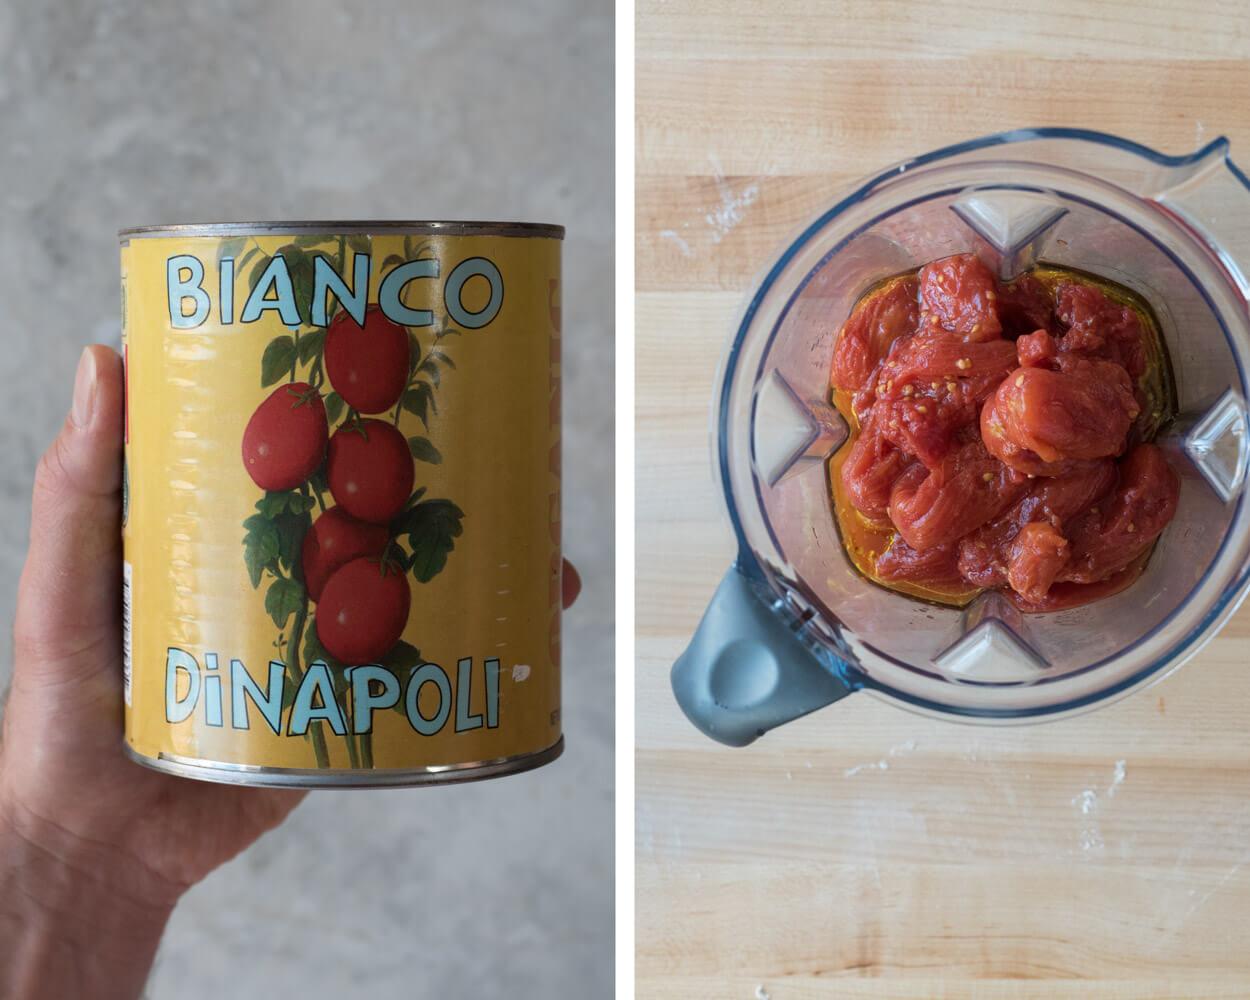 Bianco DiNapoli tomatoes